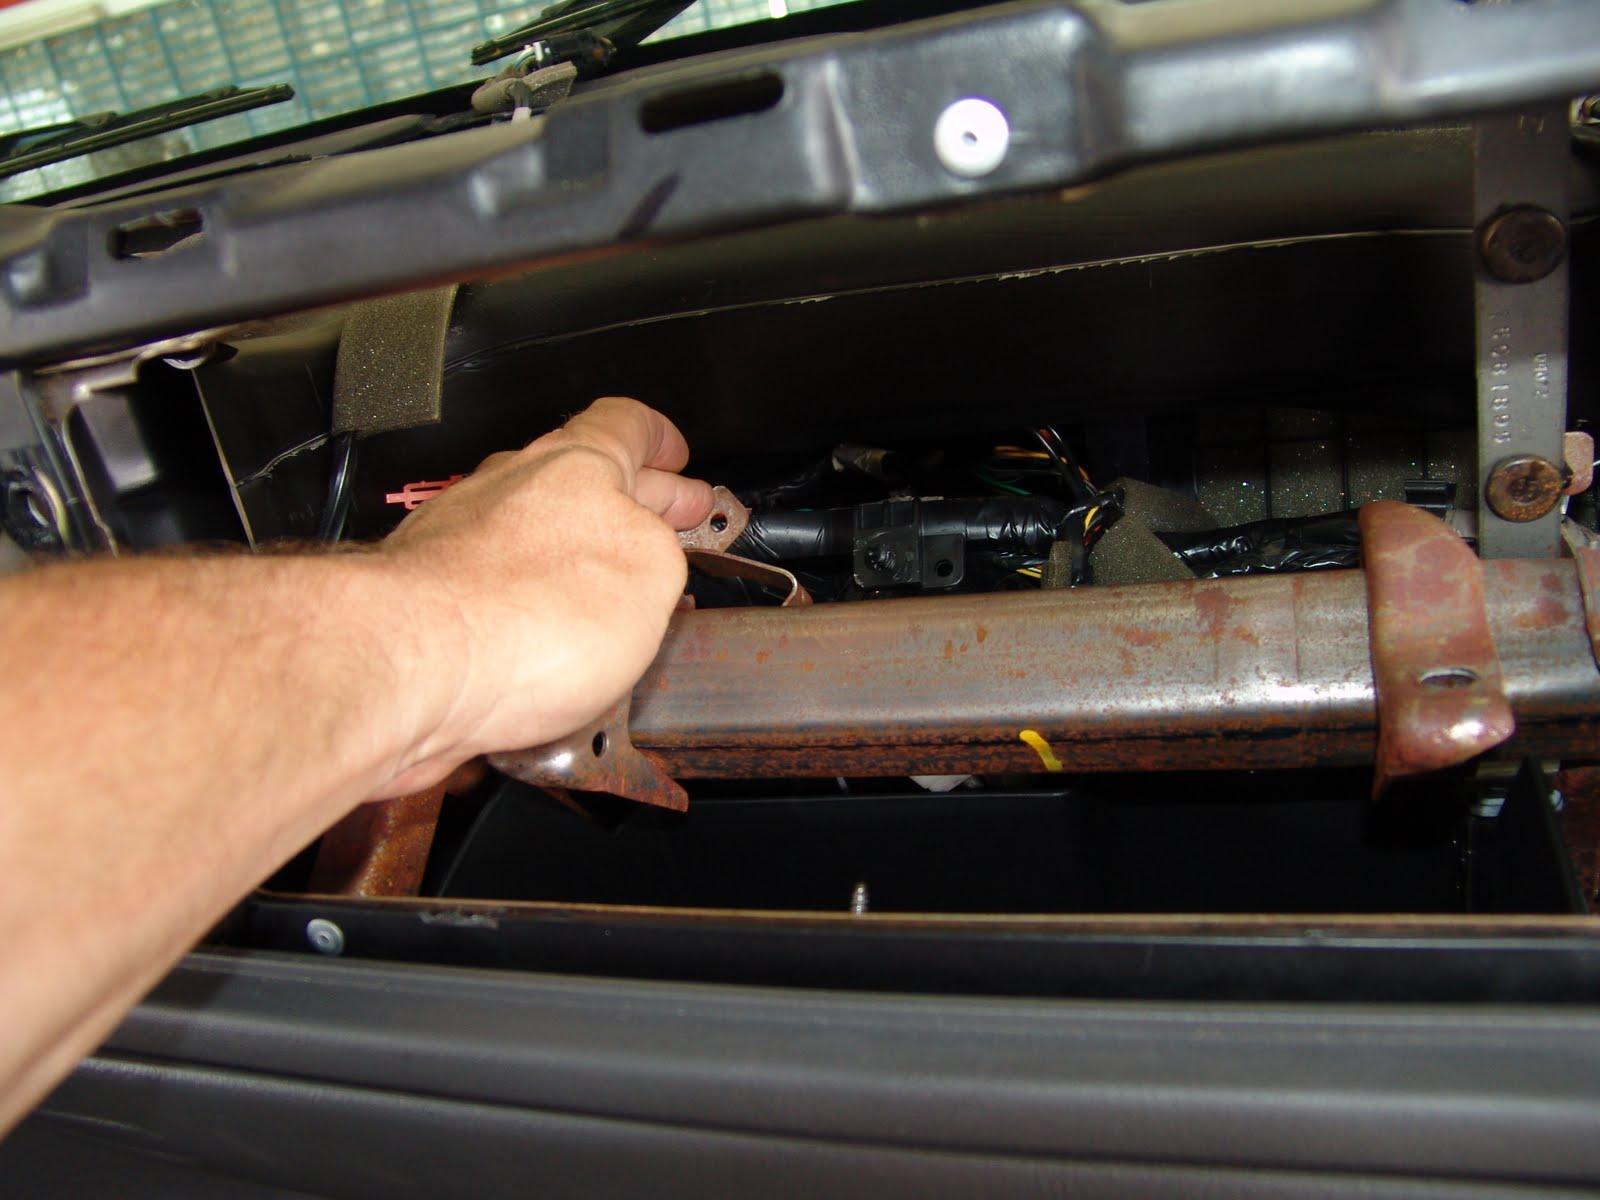 dodge ram only blows defrost 2006 f150 4x4 wiring diagram trailblazer blend door actuator location get